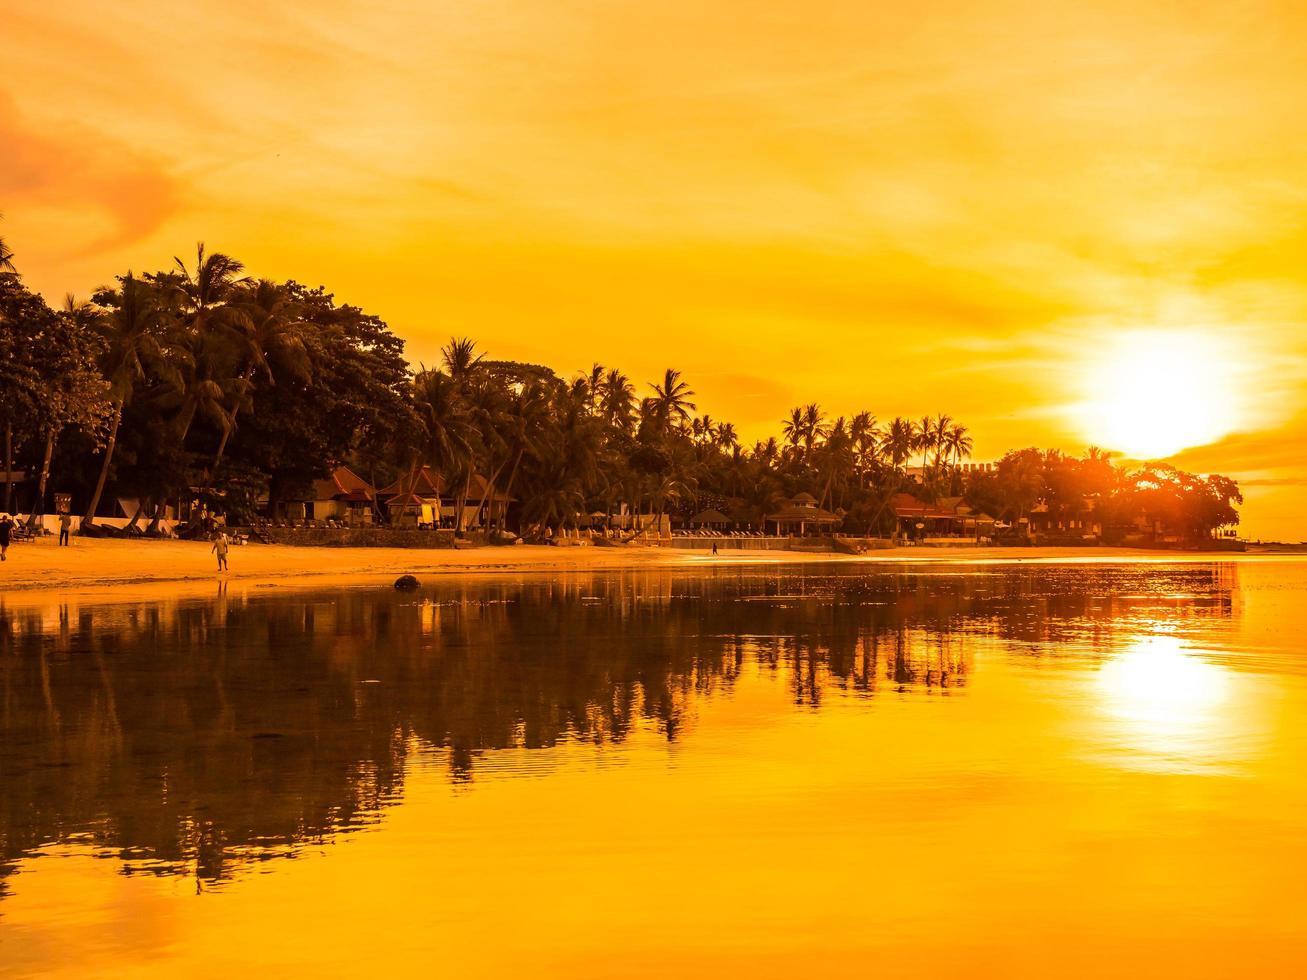 belle plage tropicale au lever du soleil photo